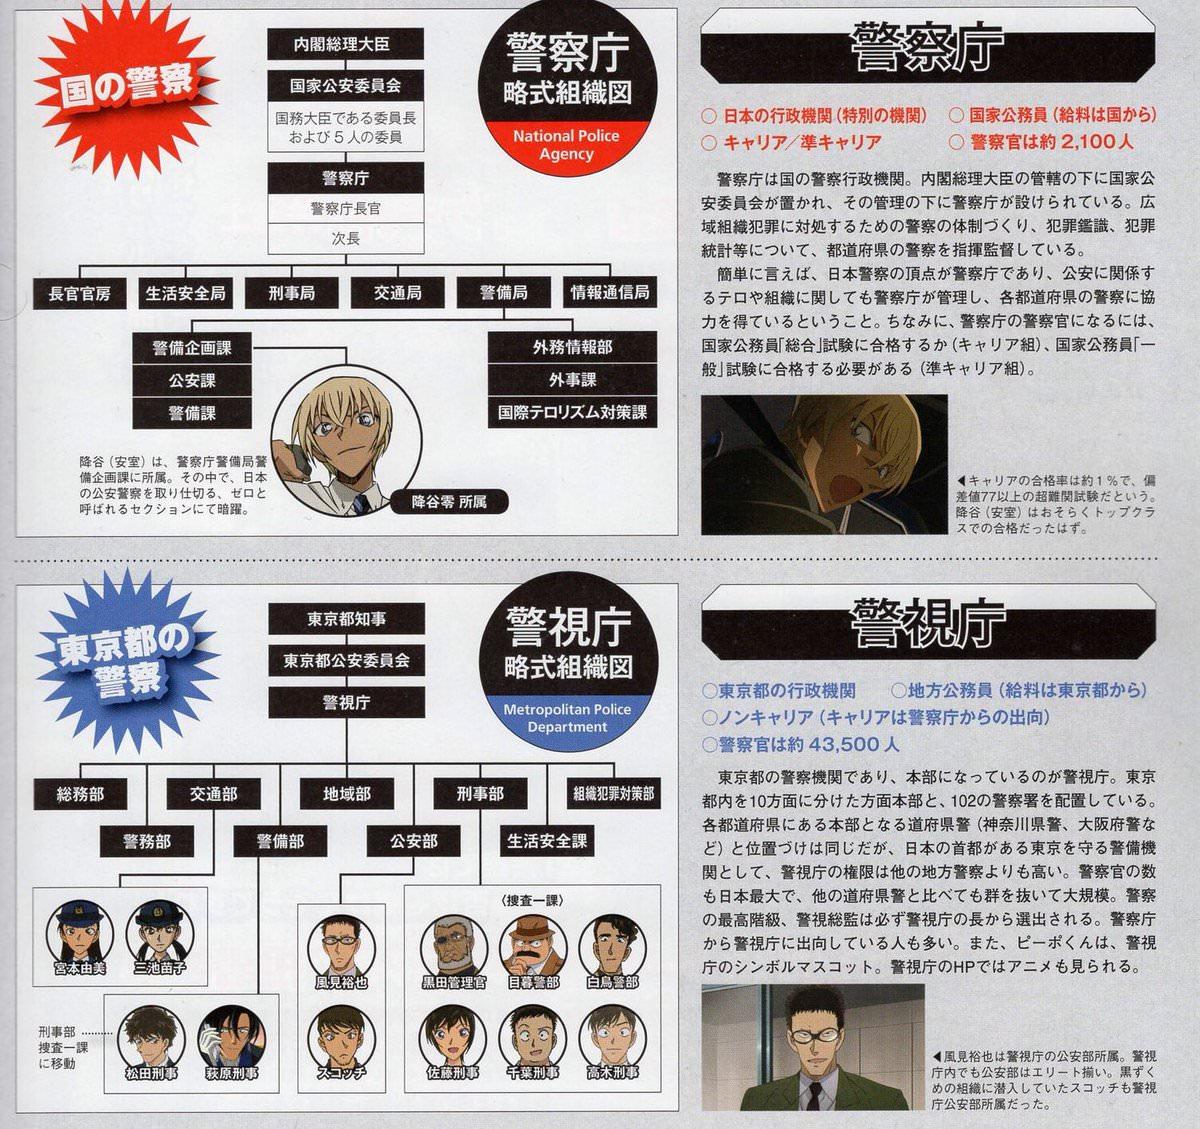 【朗報】コナンさん、映画の興行収入が72億円突破してガチの社会現象作品になってしまうwwwwww